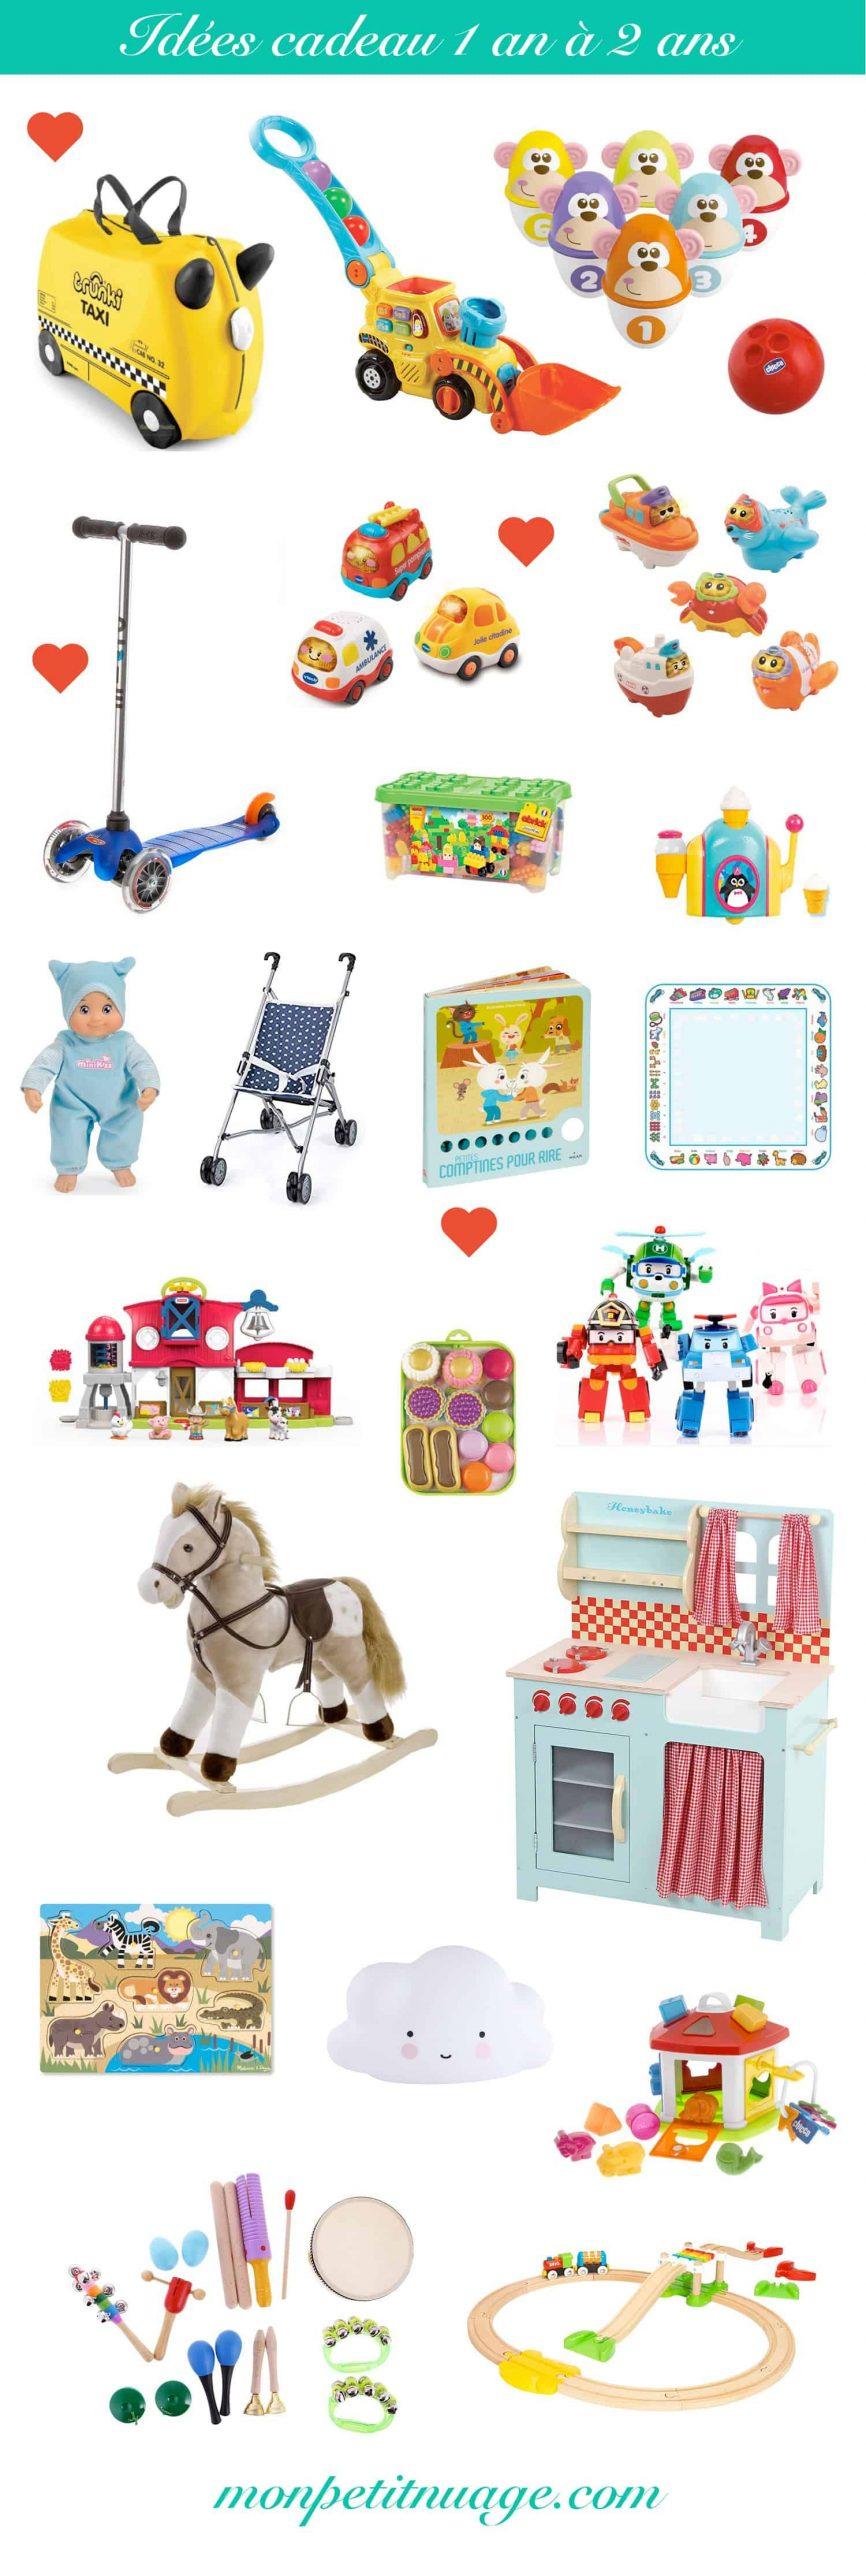 Idées Cadeaux Bébé & Enfant : 6 Mois, 1 An, 2 Ans, 3 Ans concernant Jeux Pour Garçon Et Fille